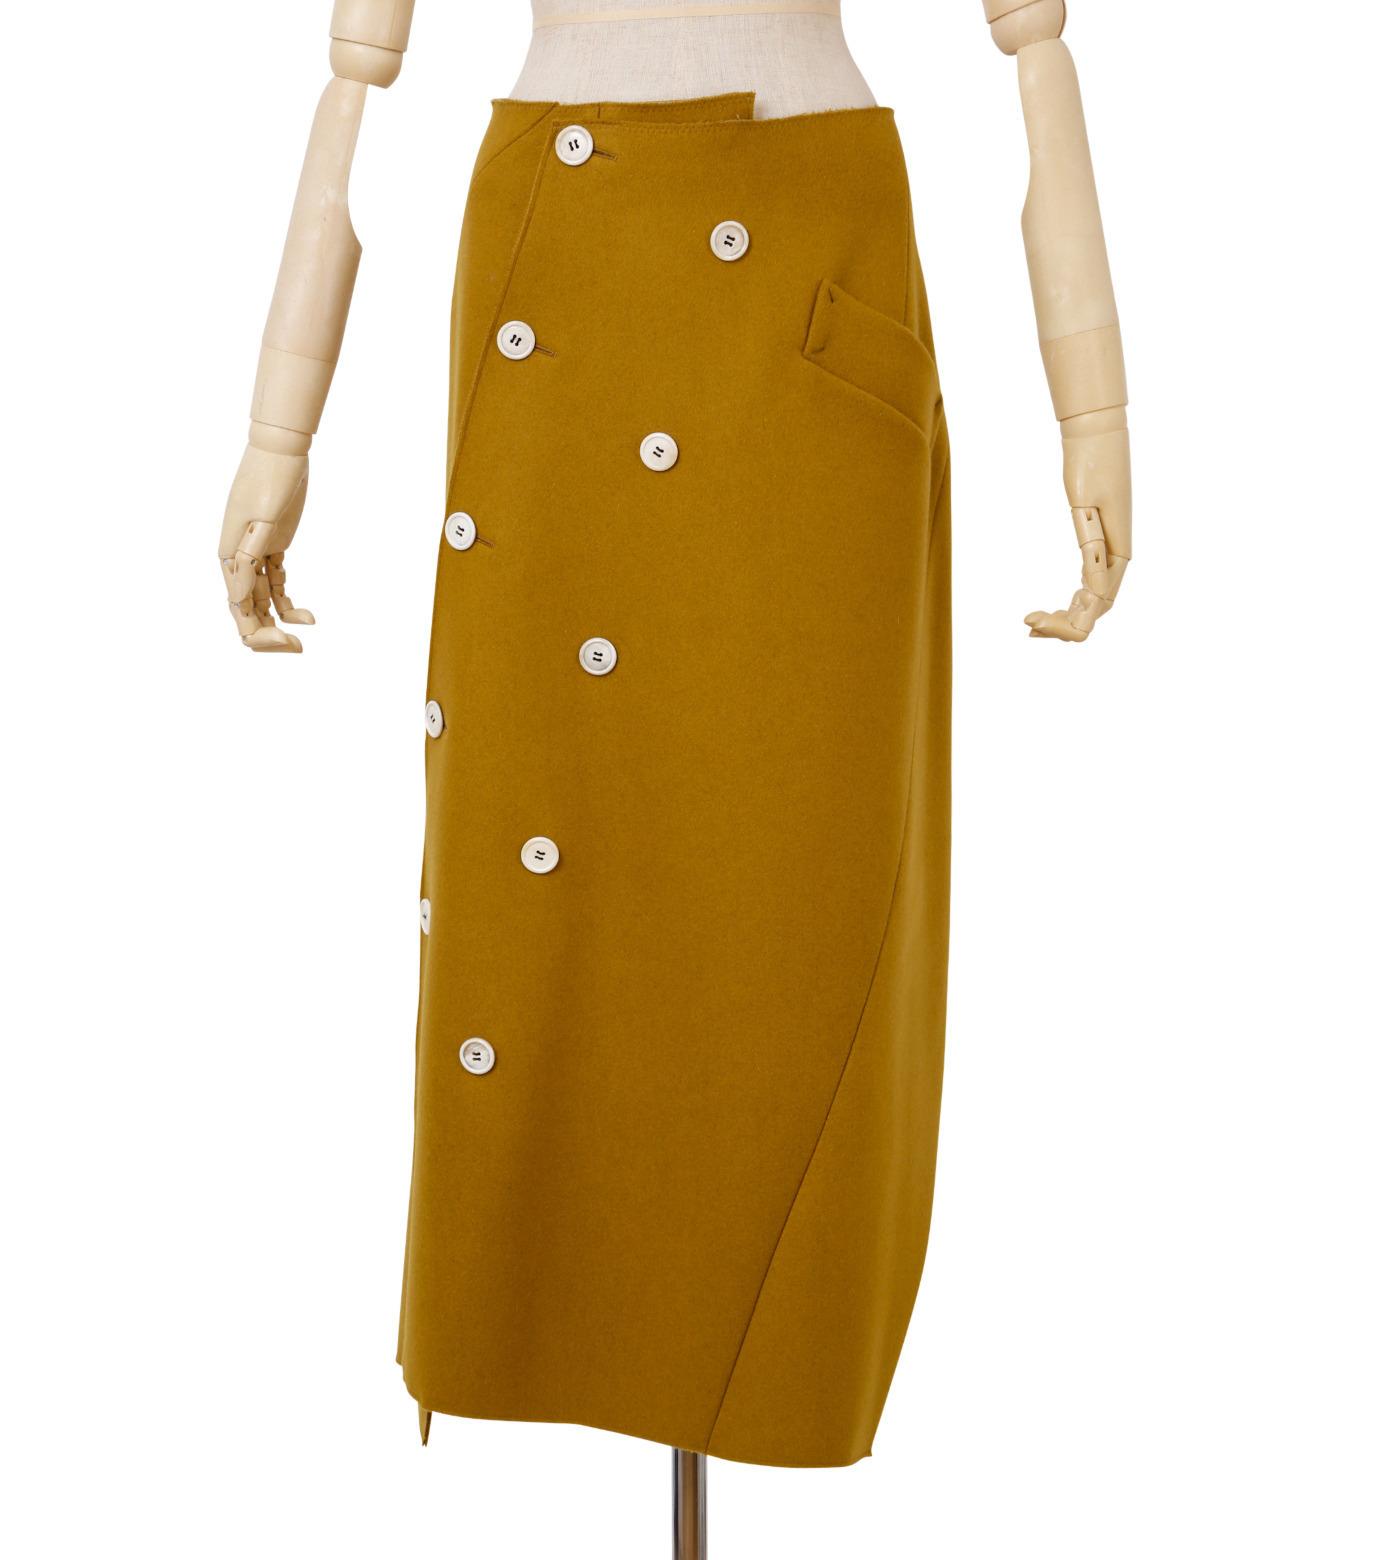 IRENE (アイレネ) ツイストボックスコートラップスカート.jpg